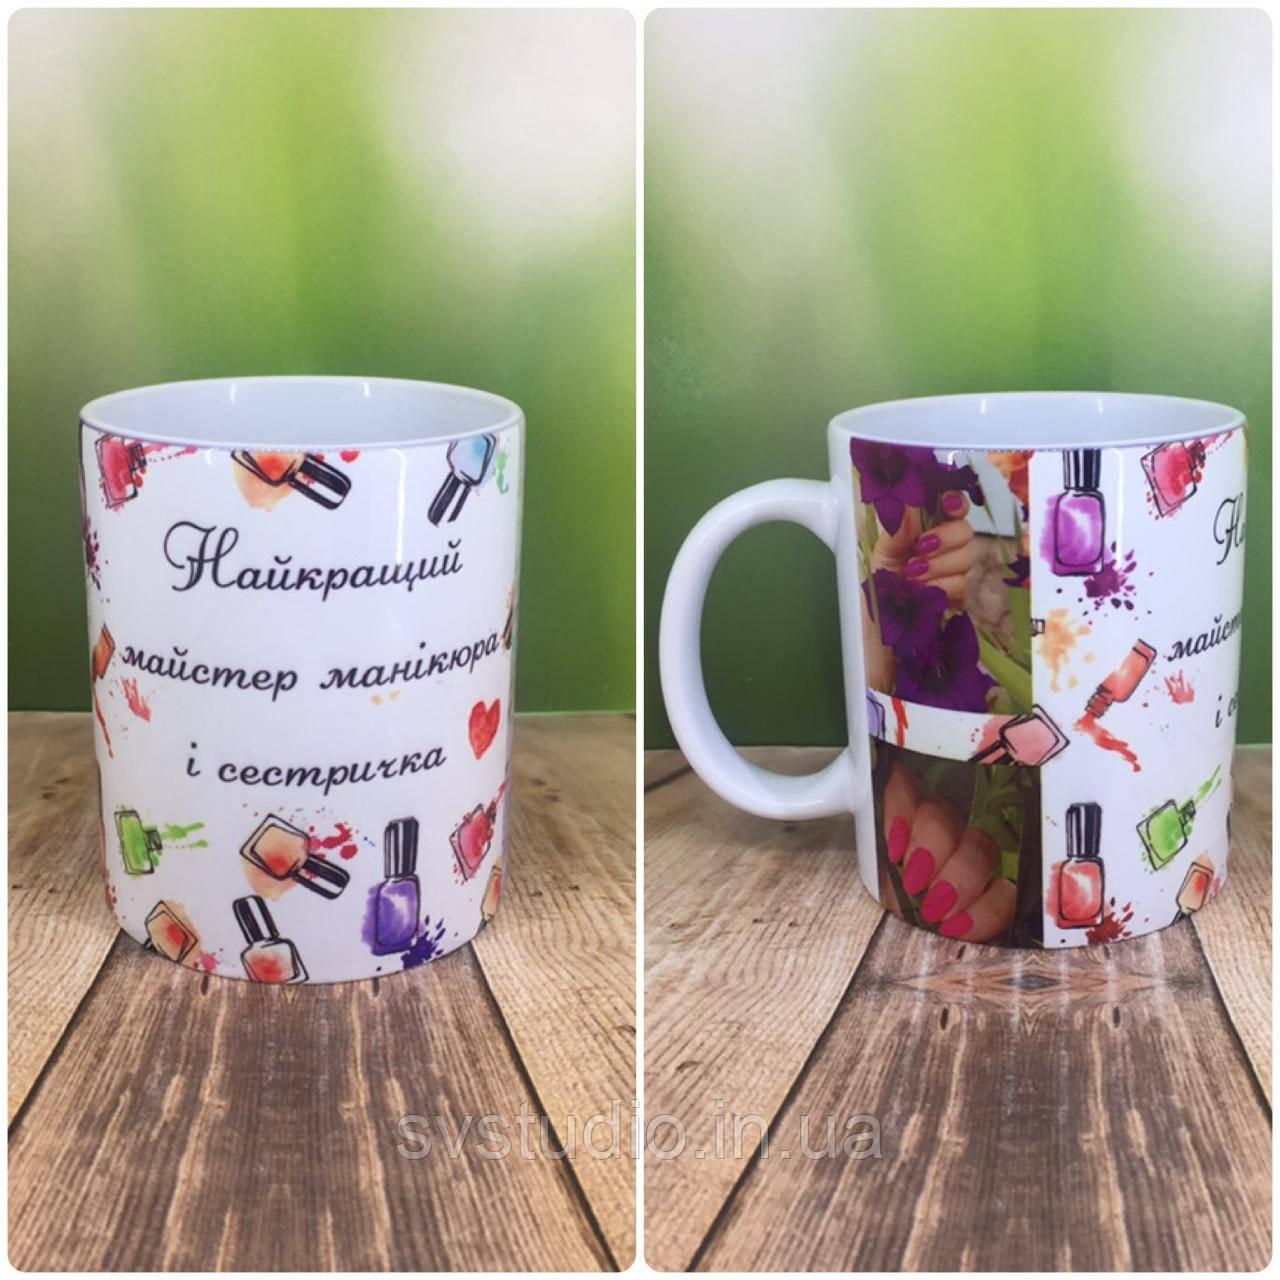 """Друк на чашках,Чашка """"Найкращий майстер манікюра і сестрічка"""""""